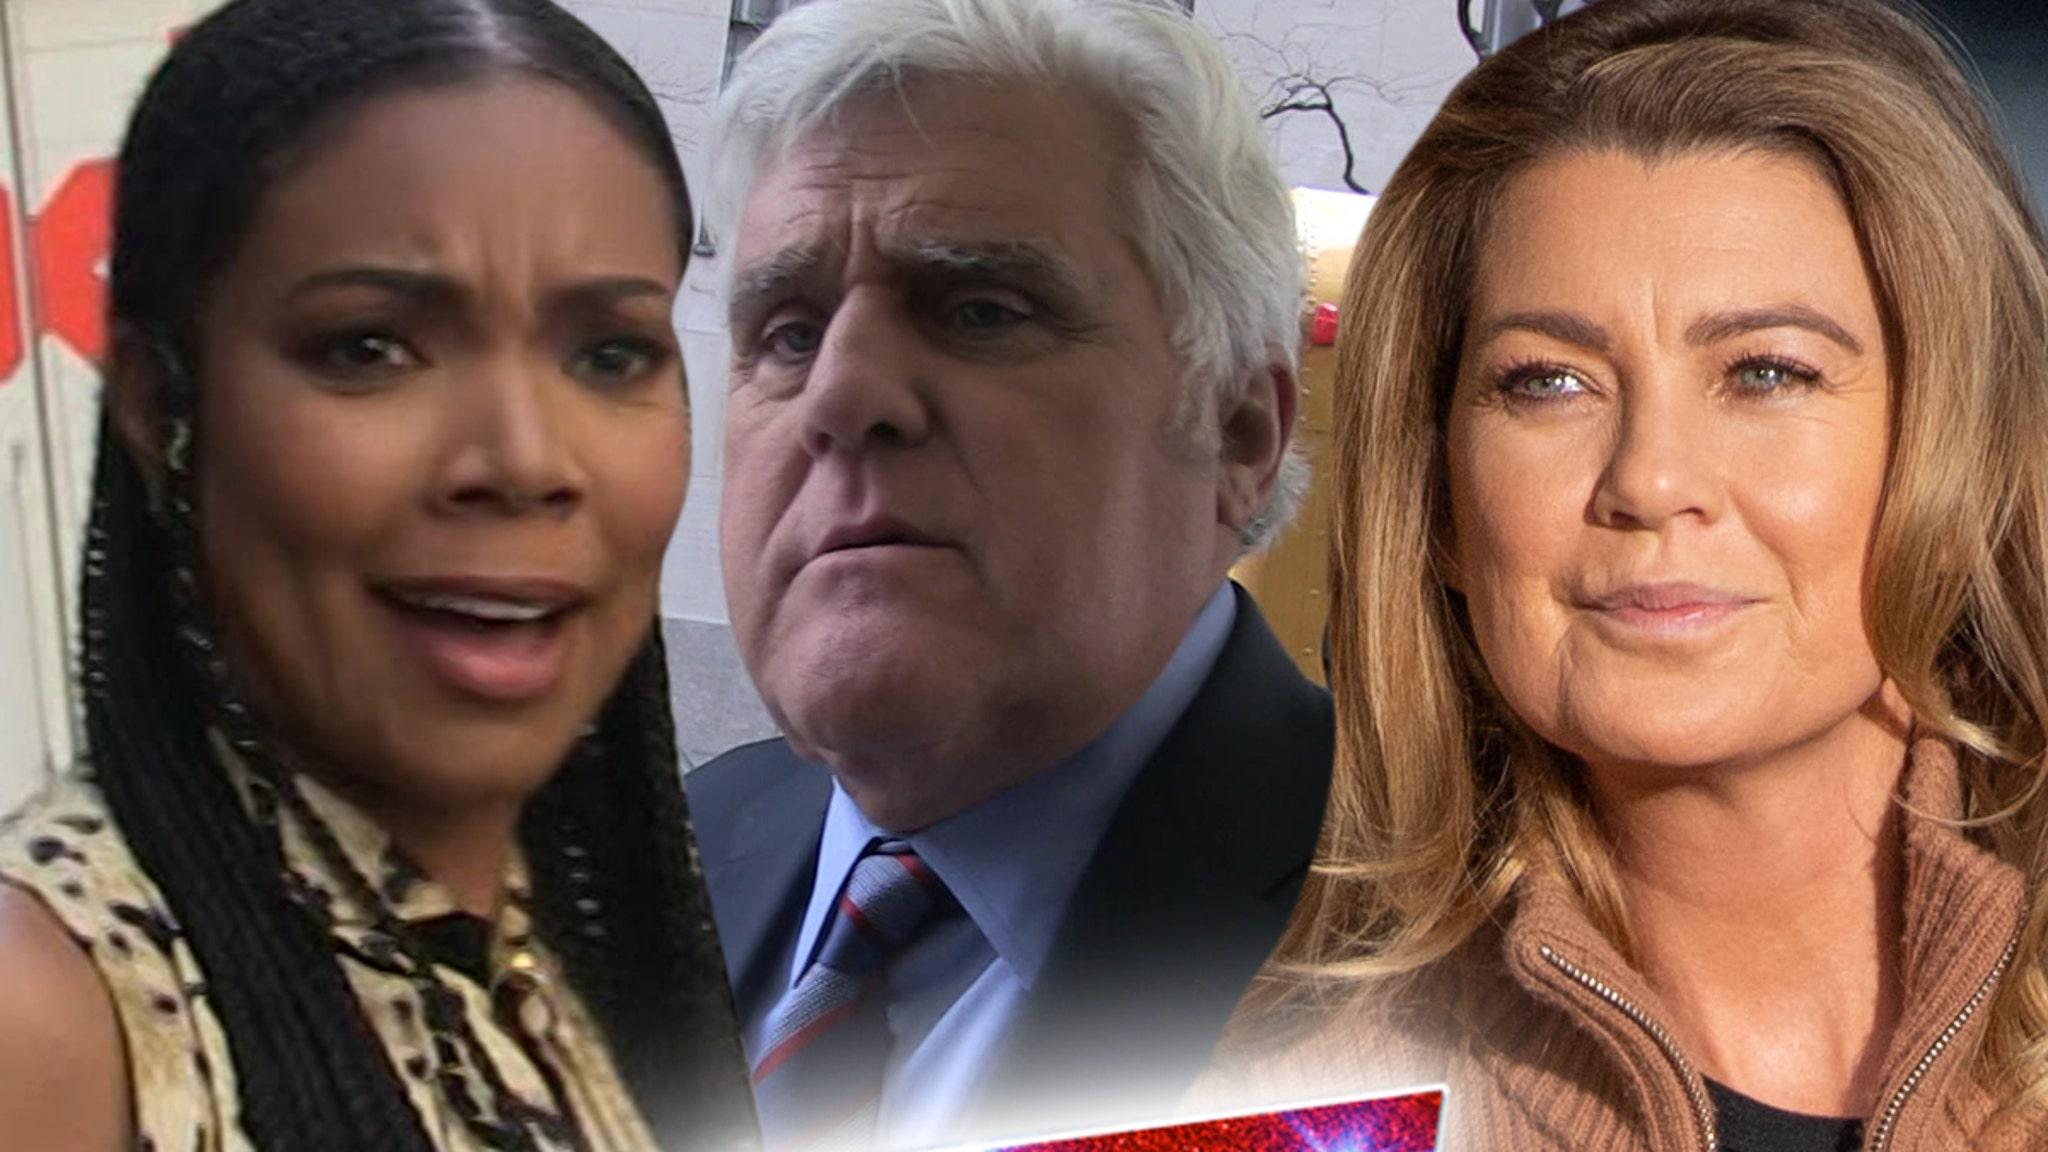 Jay Leno's 'AGT' Joke Wasn't Racist, Says Alonzo Bodden as Ellen Pompeo Backs Gabrielle Union